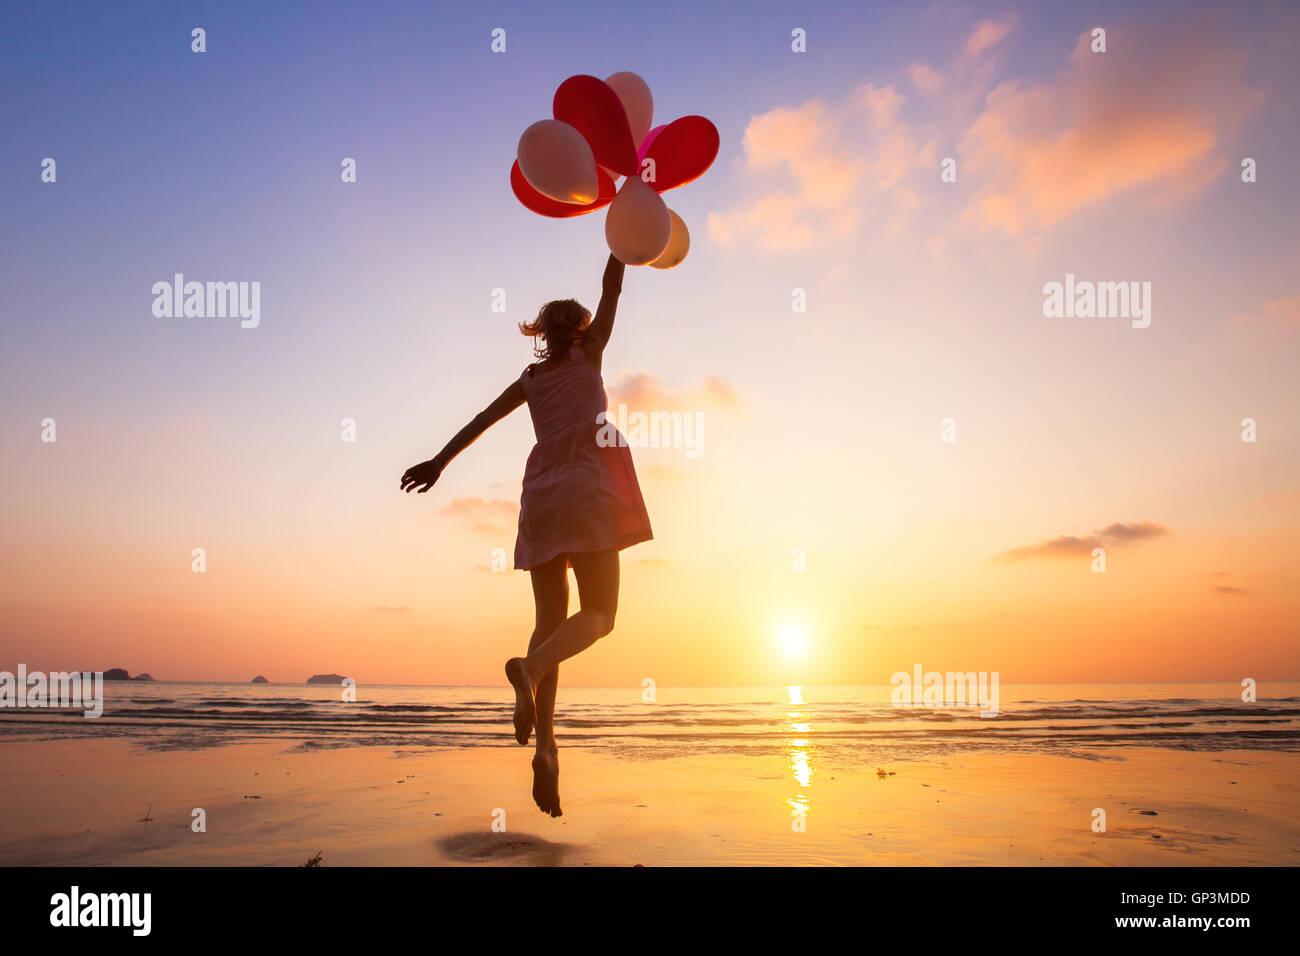 La imaginación, la niña feliz saltando con globos multicolores al atardecer en la playa, volar, siga su Imagen De Stock